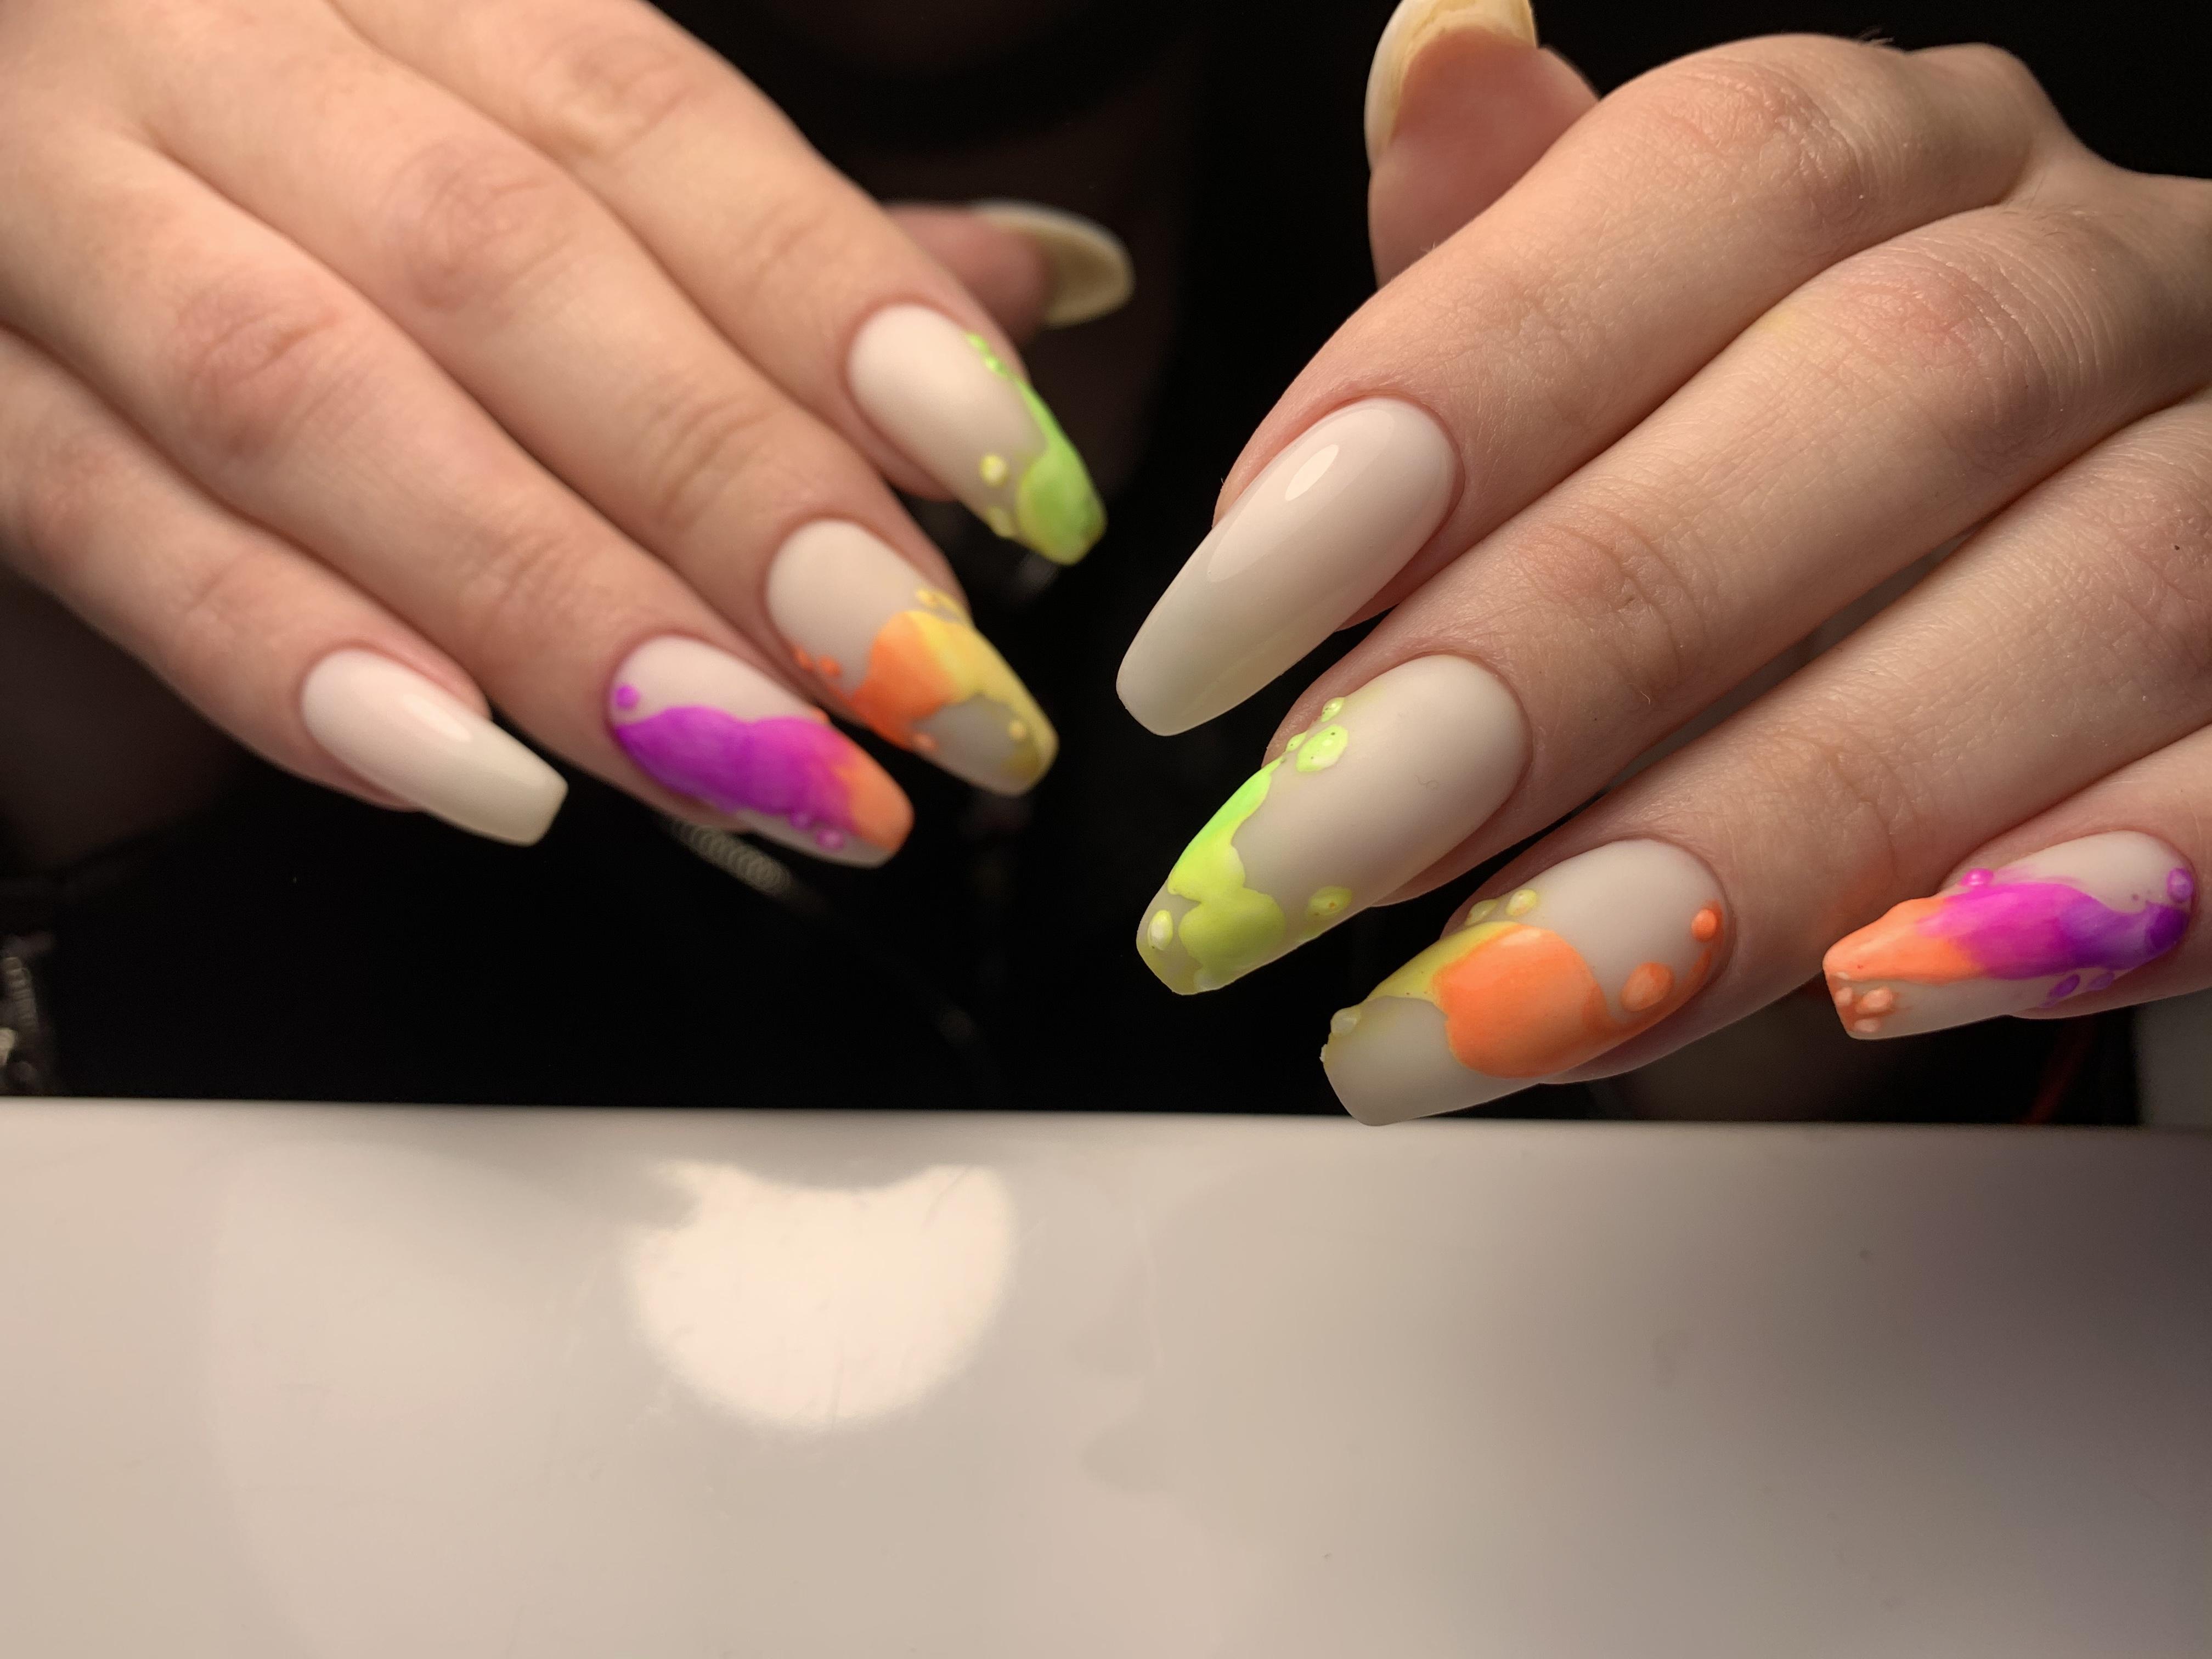 Нюдовый маникюр с цветным рисунком на длинные ногти.